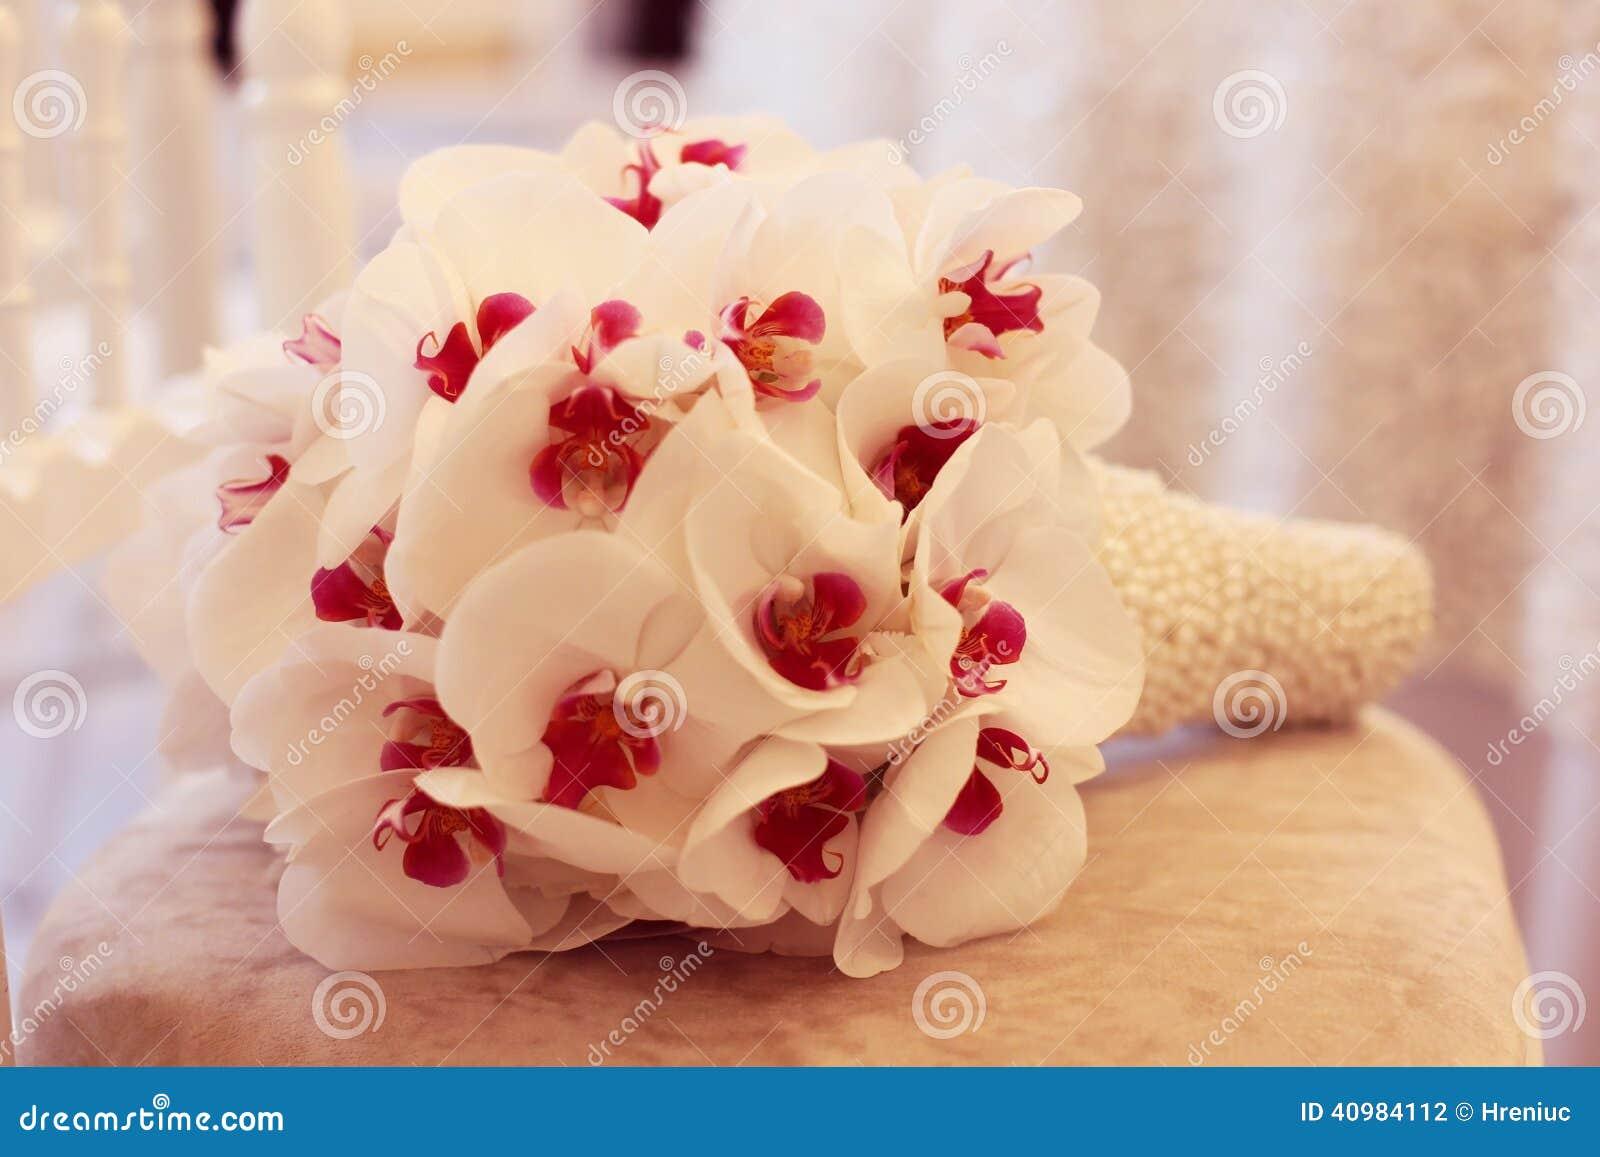 Beautiful Orchid Wedding Bouquet Decoration Arrangement